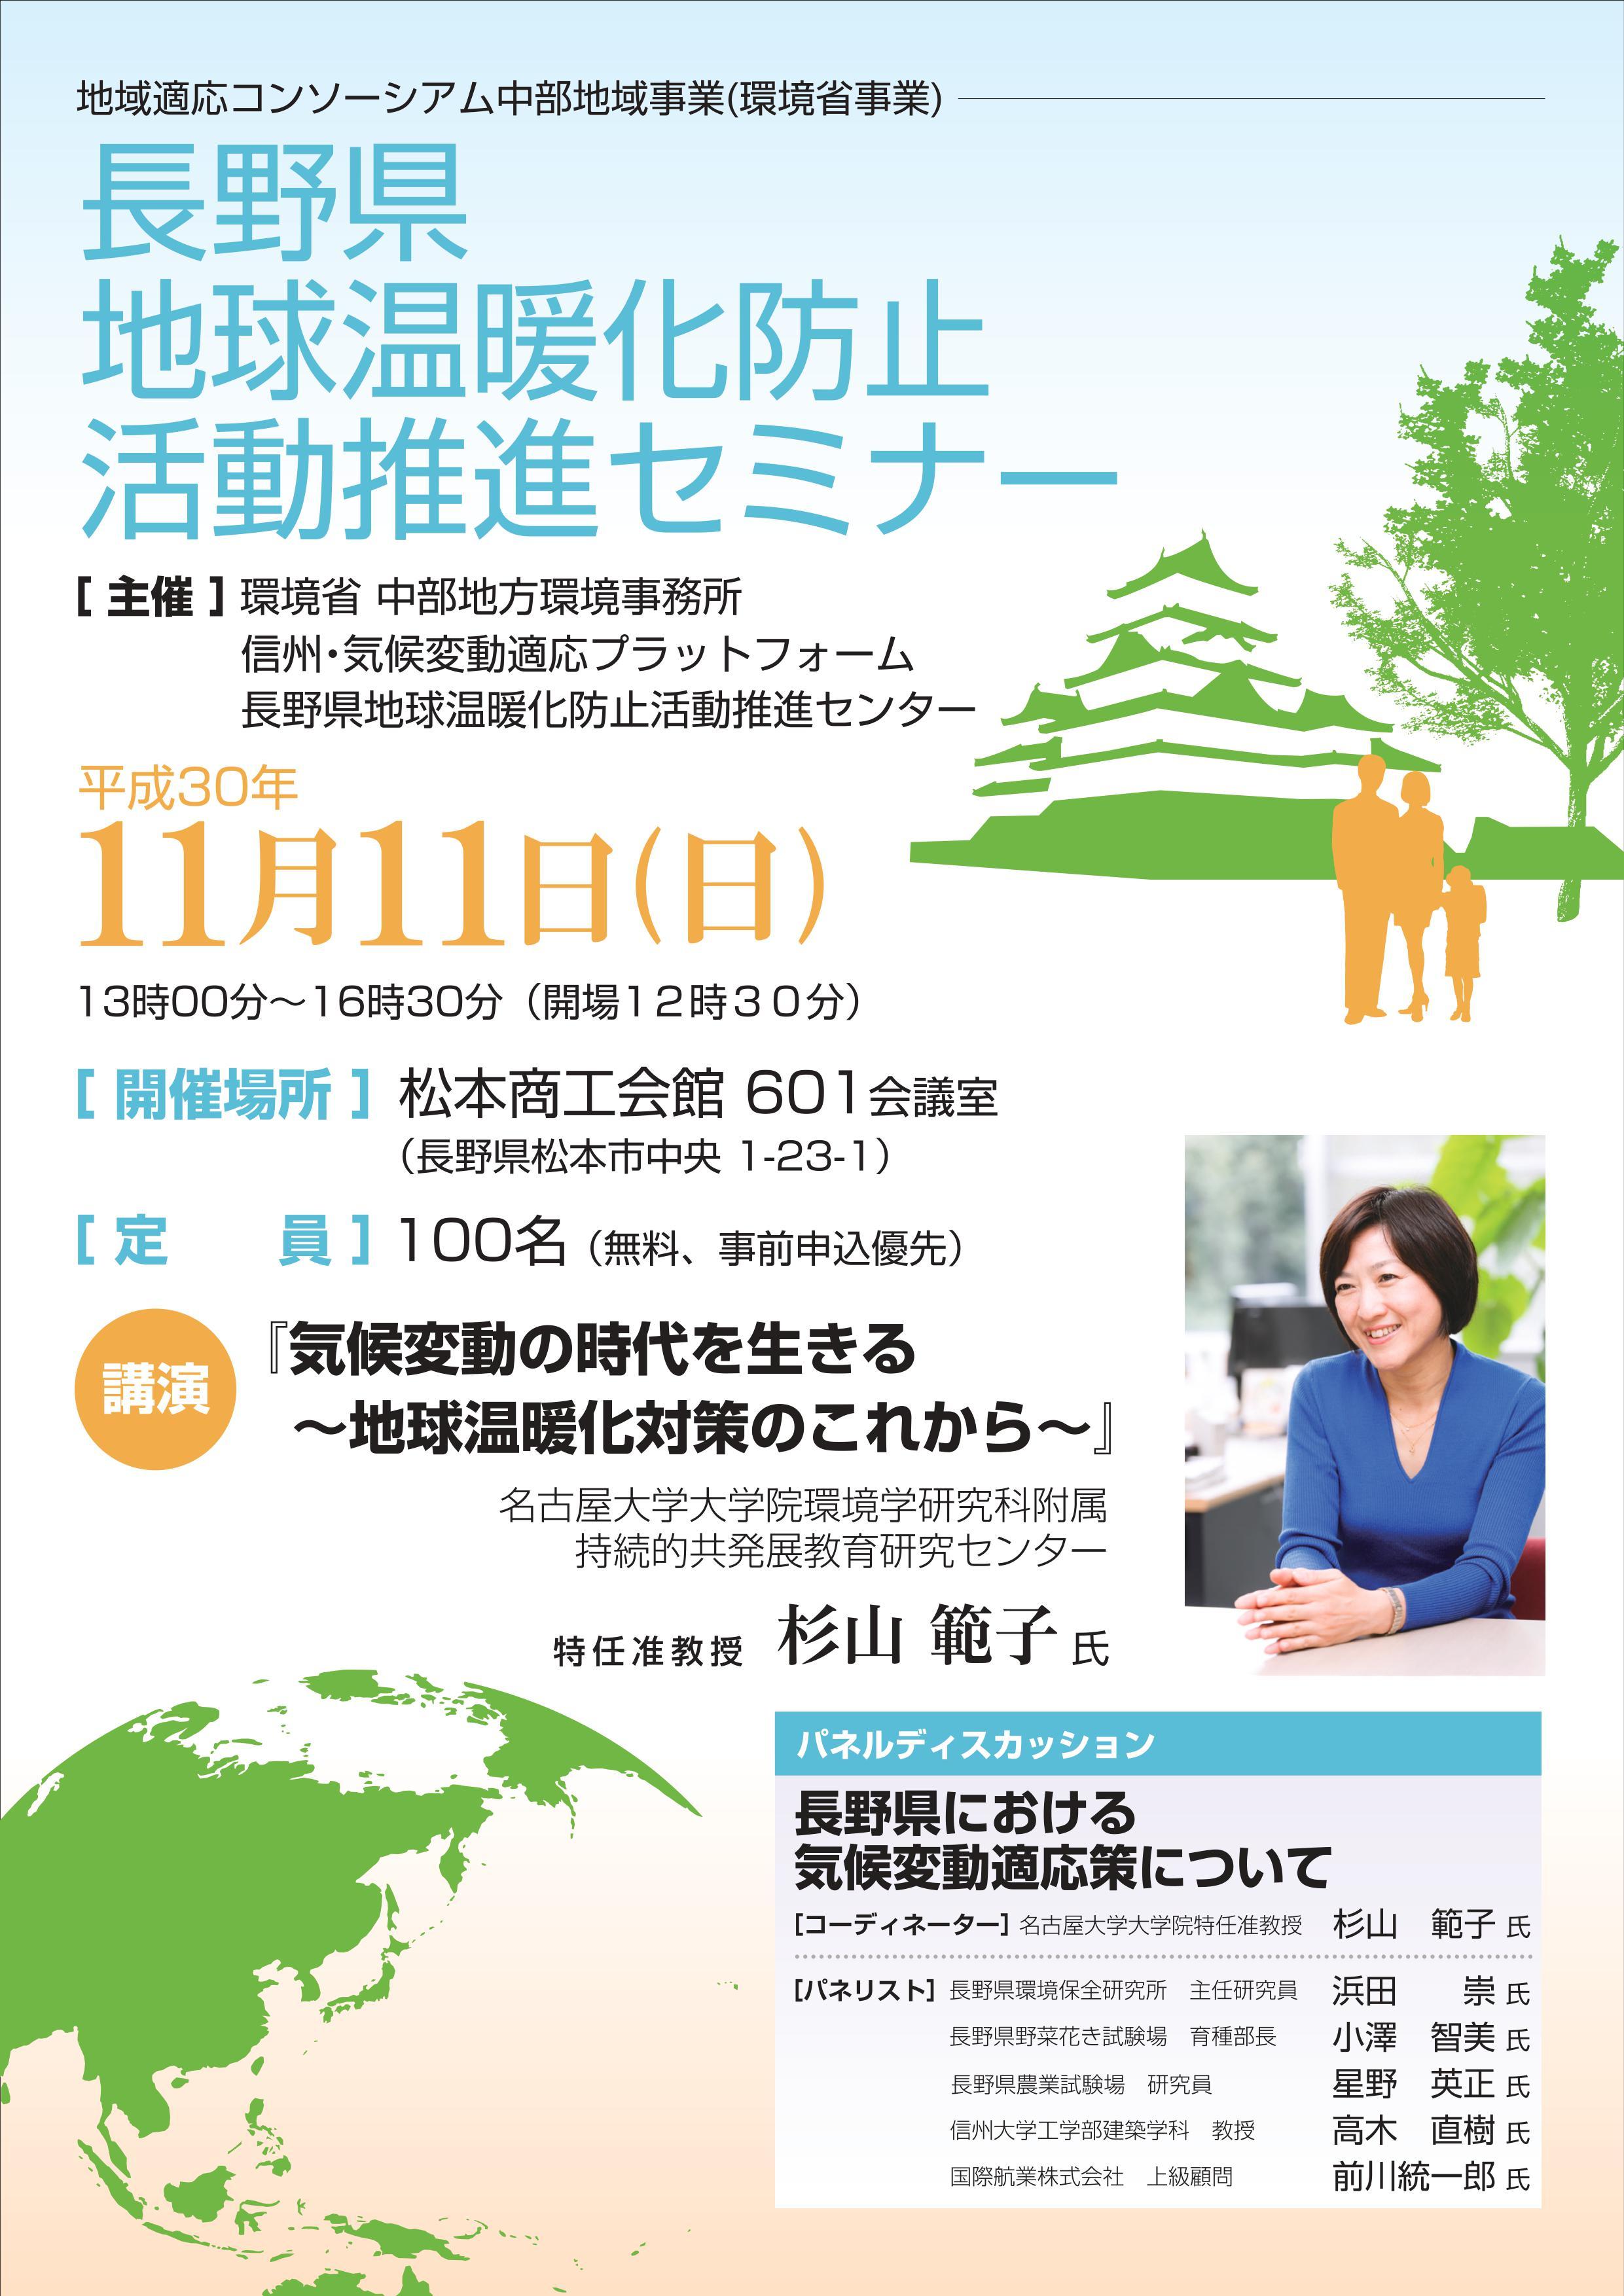 長野県地球温暖化防止活動推進セミナーチラシ